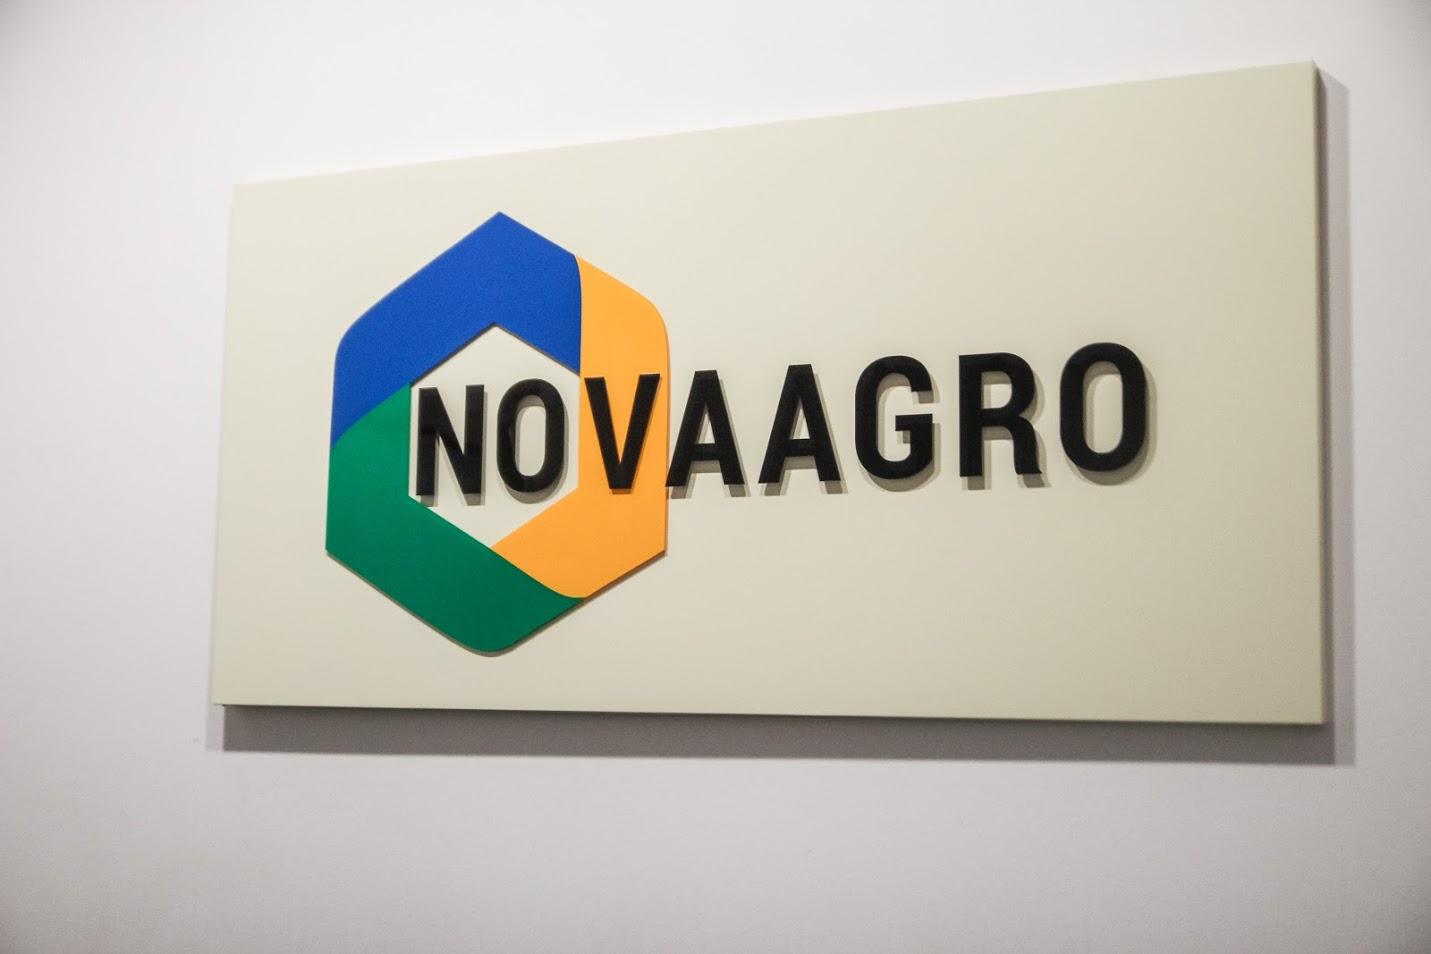 novaagro.jpg (91 KB)